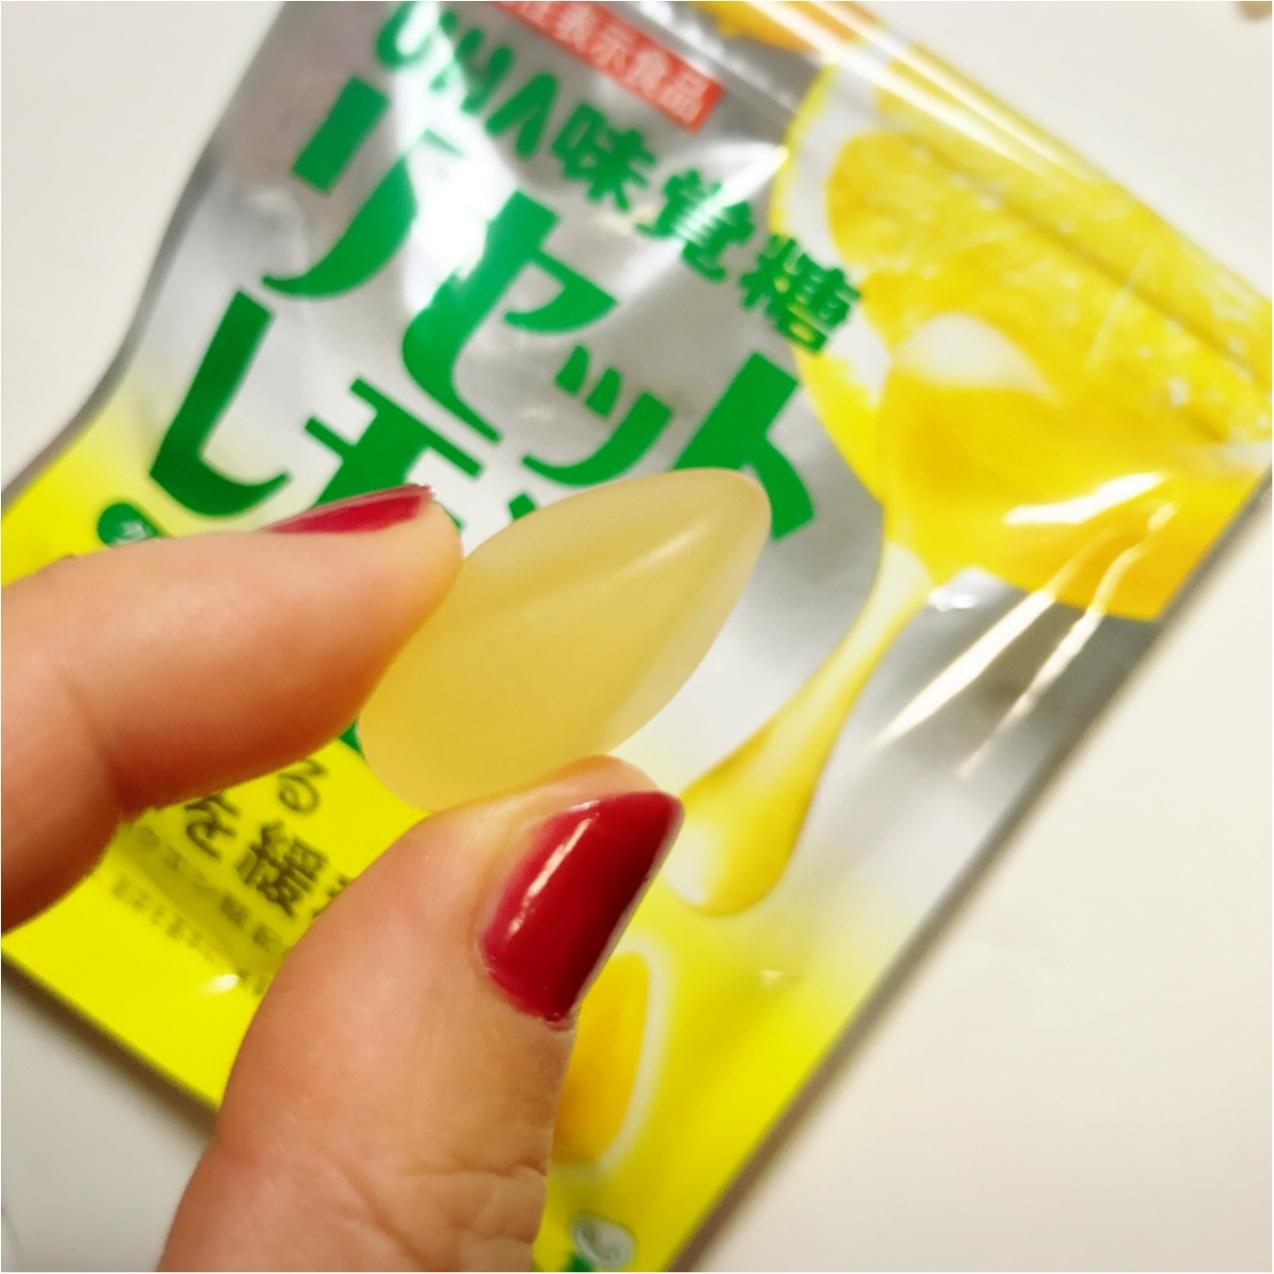 クエン酸配合☆疲れをリセットするグミ【リセットレモン】でリフレッシュ♡_2